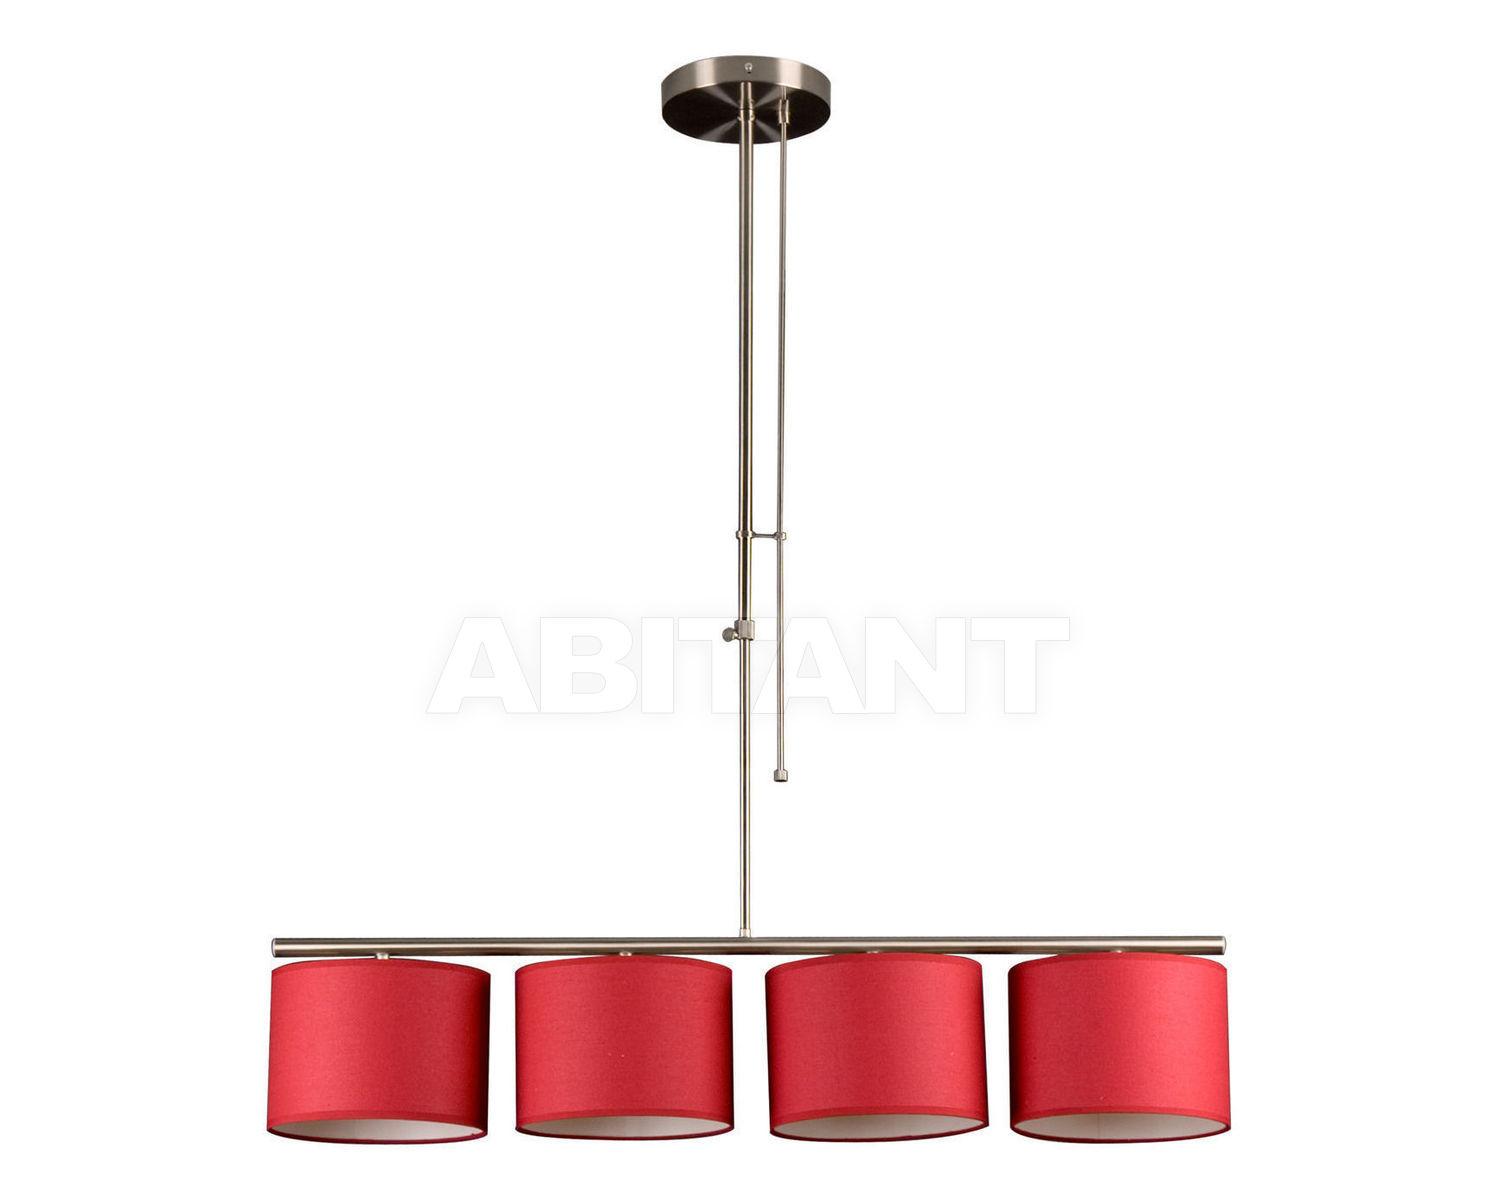 Купить Светильник Linea Verdace 2012 LV 54007/R